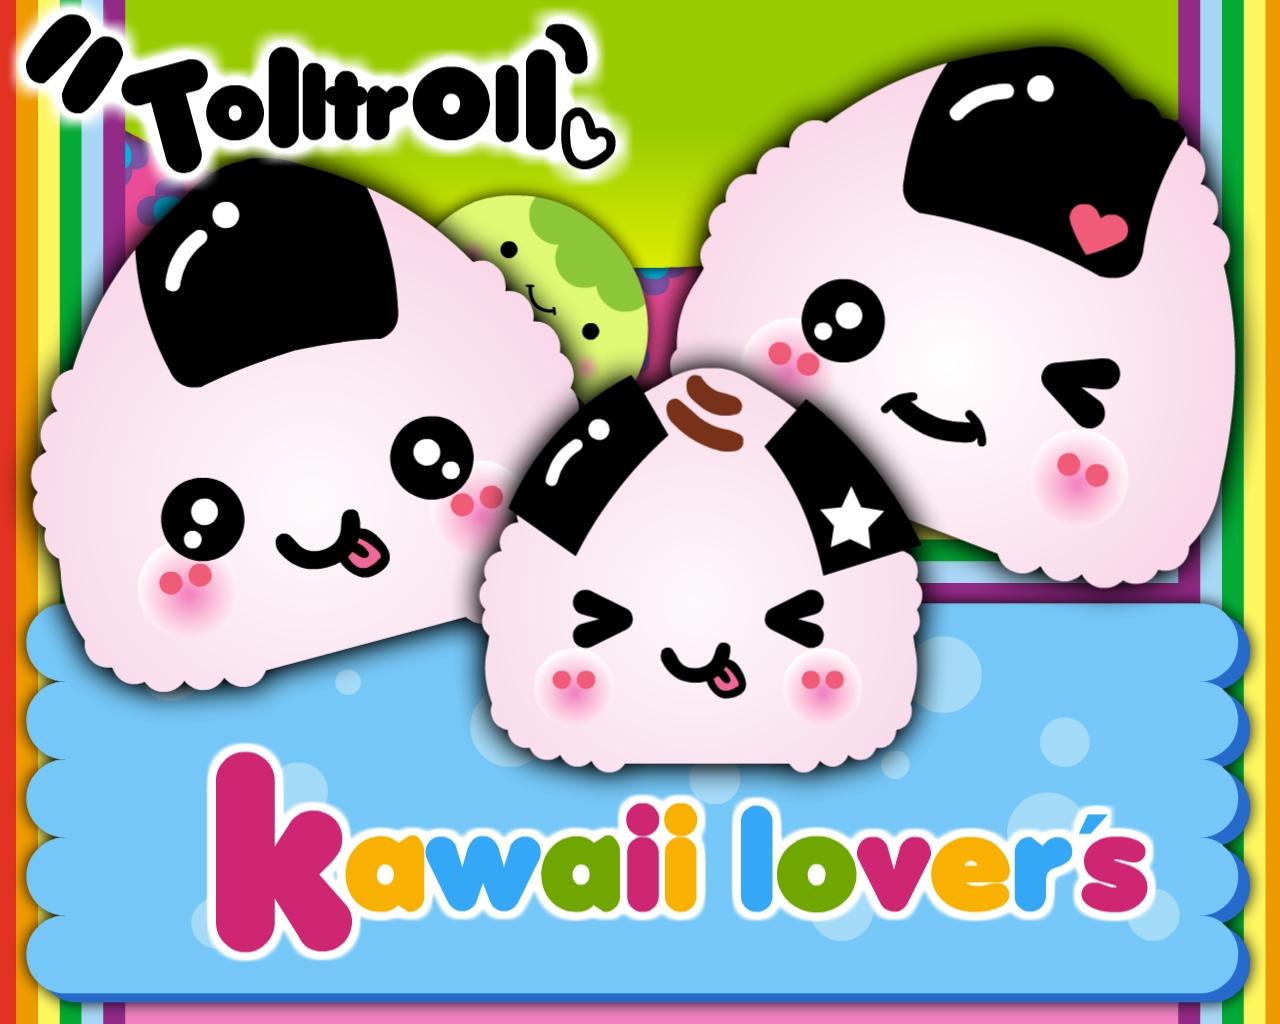 TOLLTROLL - KAWAII by TOLLTROLL